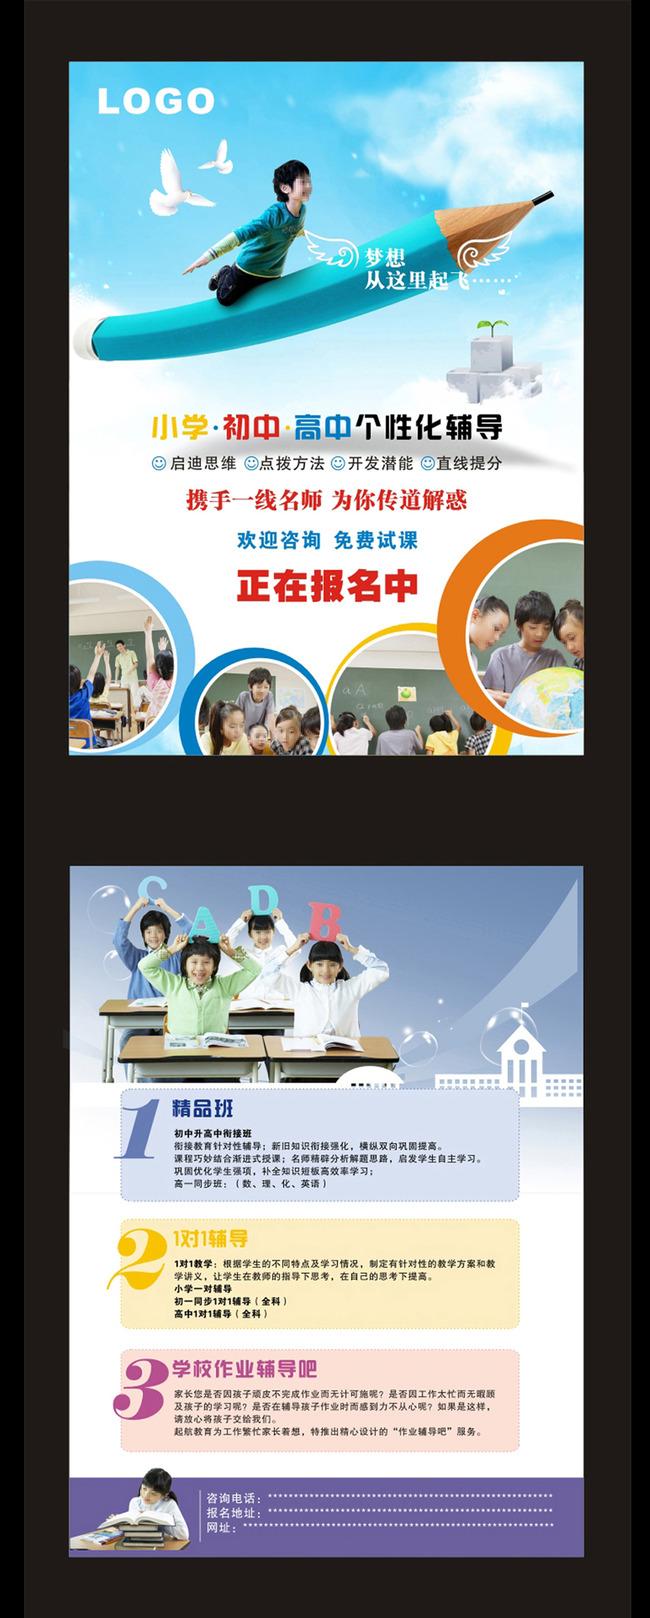 学校宣传彩页模板下载(图片编号:12546448)